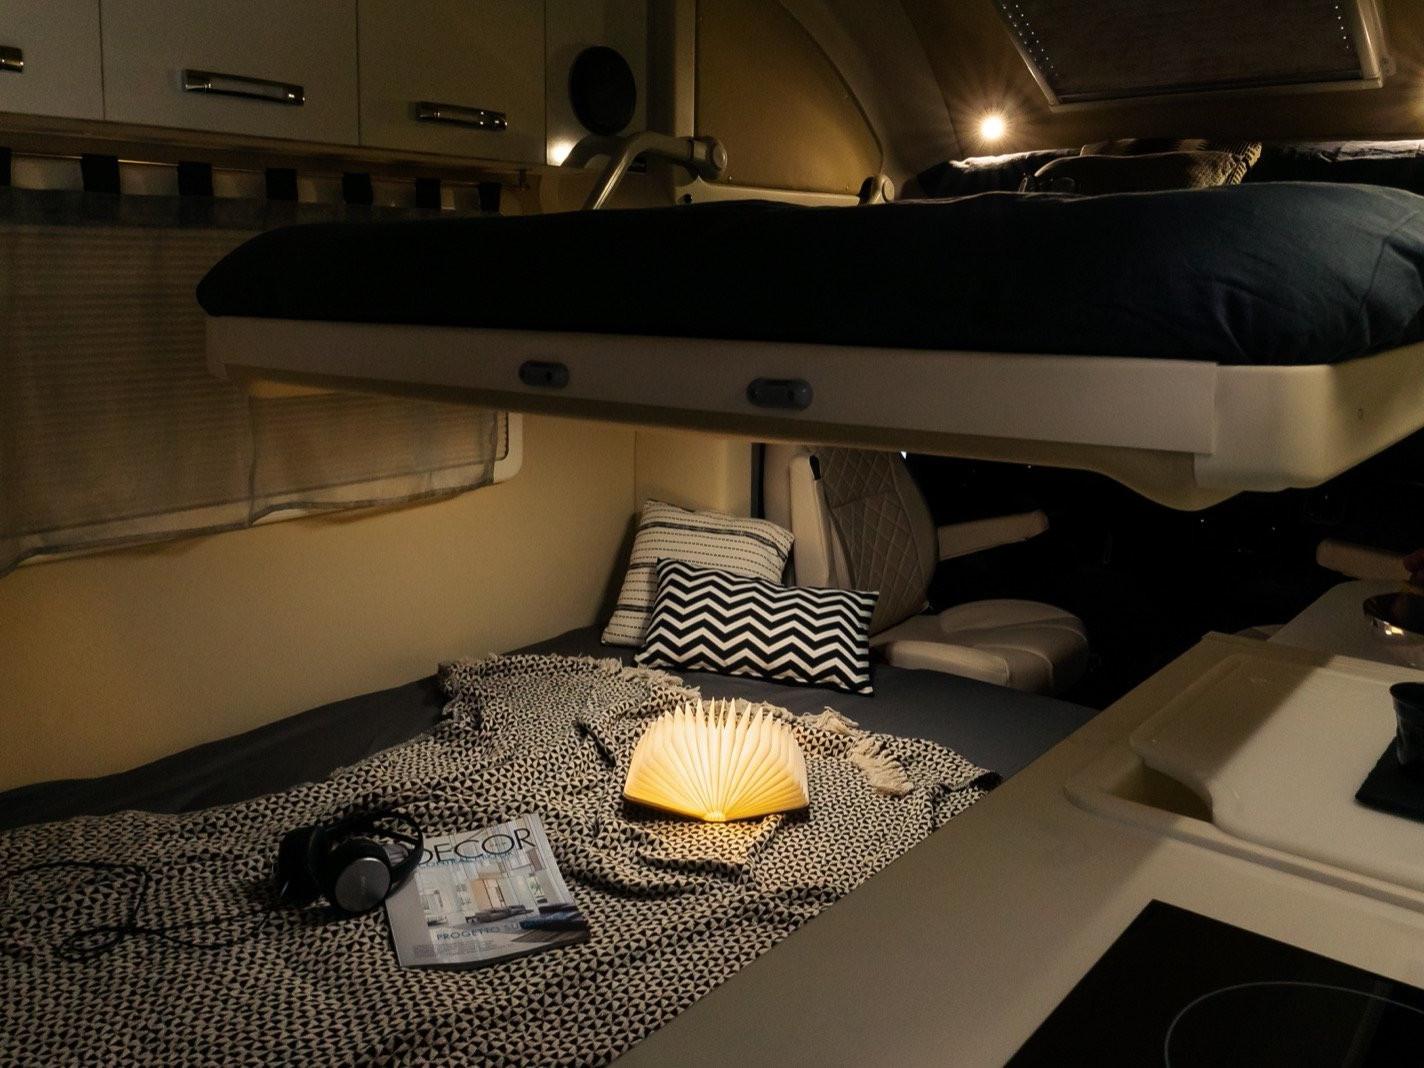 Oasi 540 - 4 berths mini camper under 5.5m premium - camper